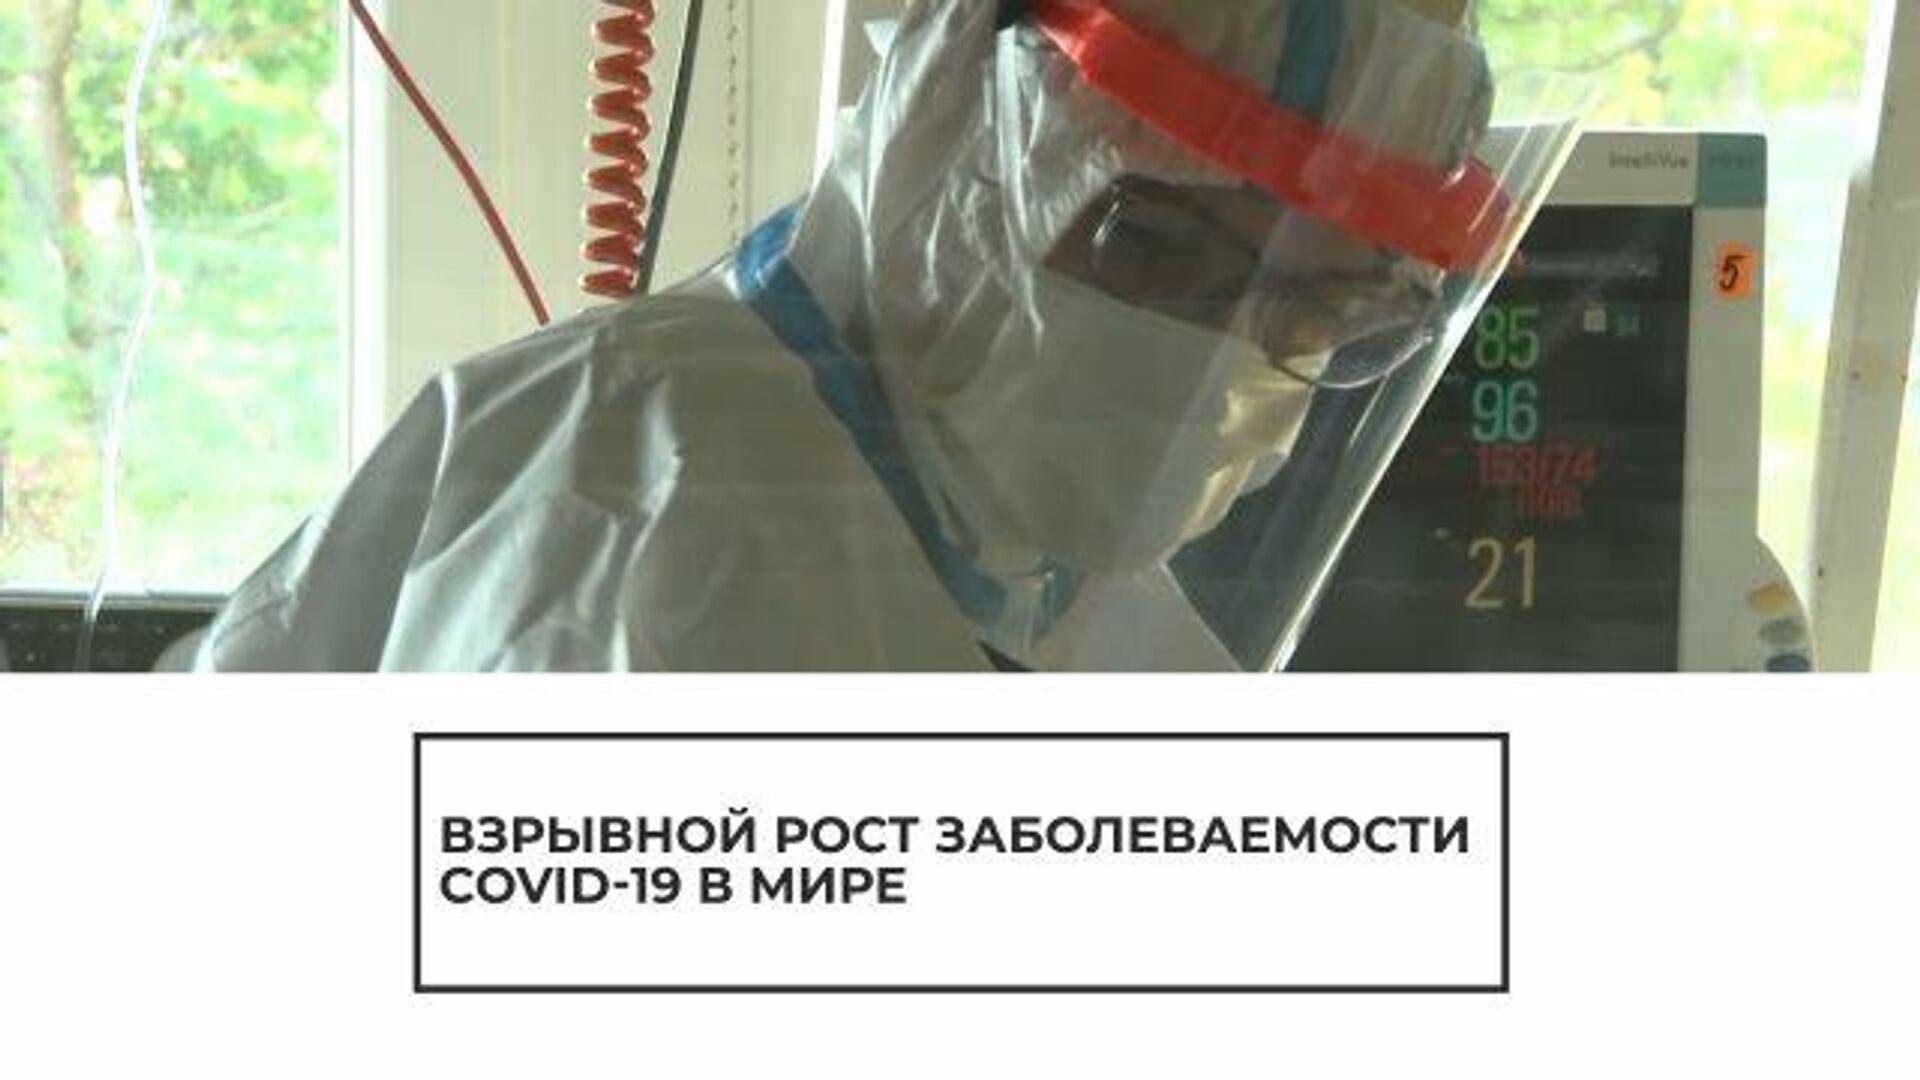 COVID-19: вирус начал проявлять себя с новой силой  - РИА Новости, 1920, 19.10.2020